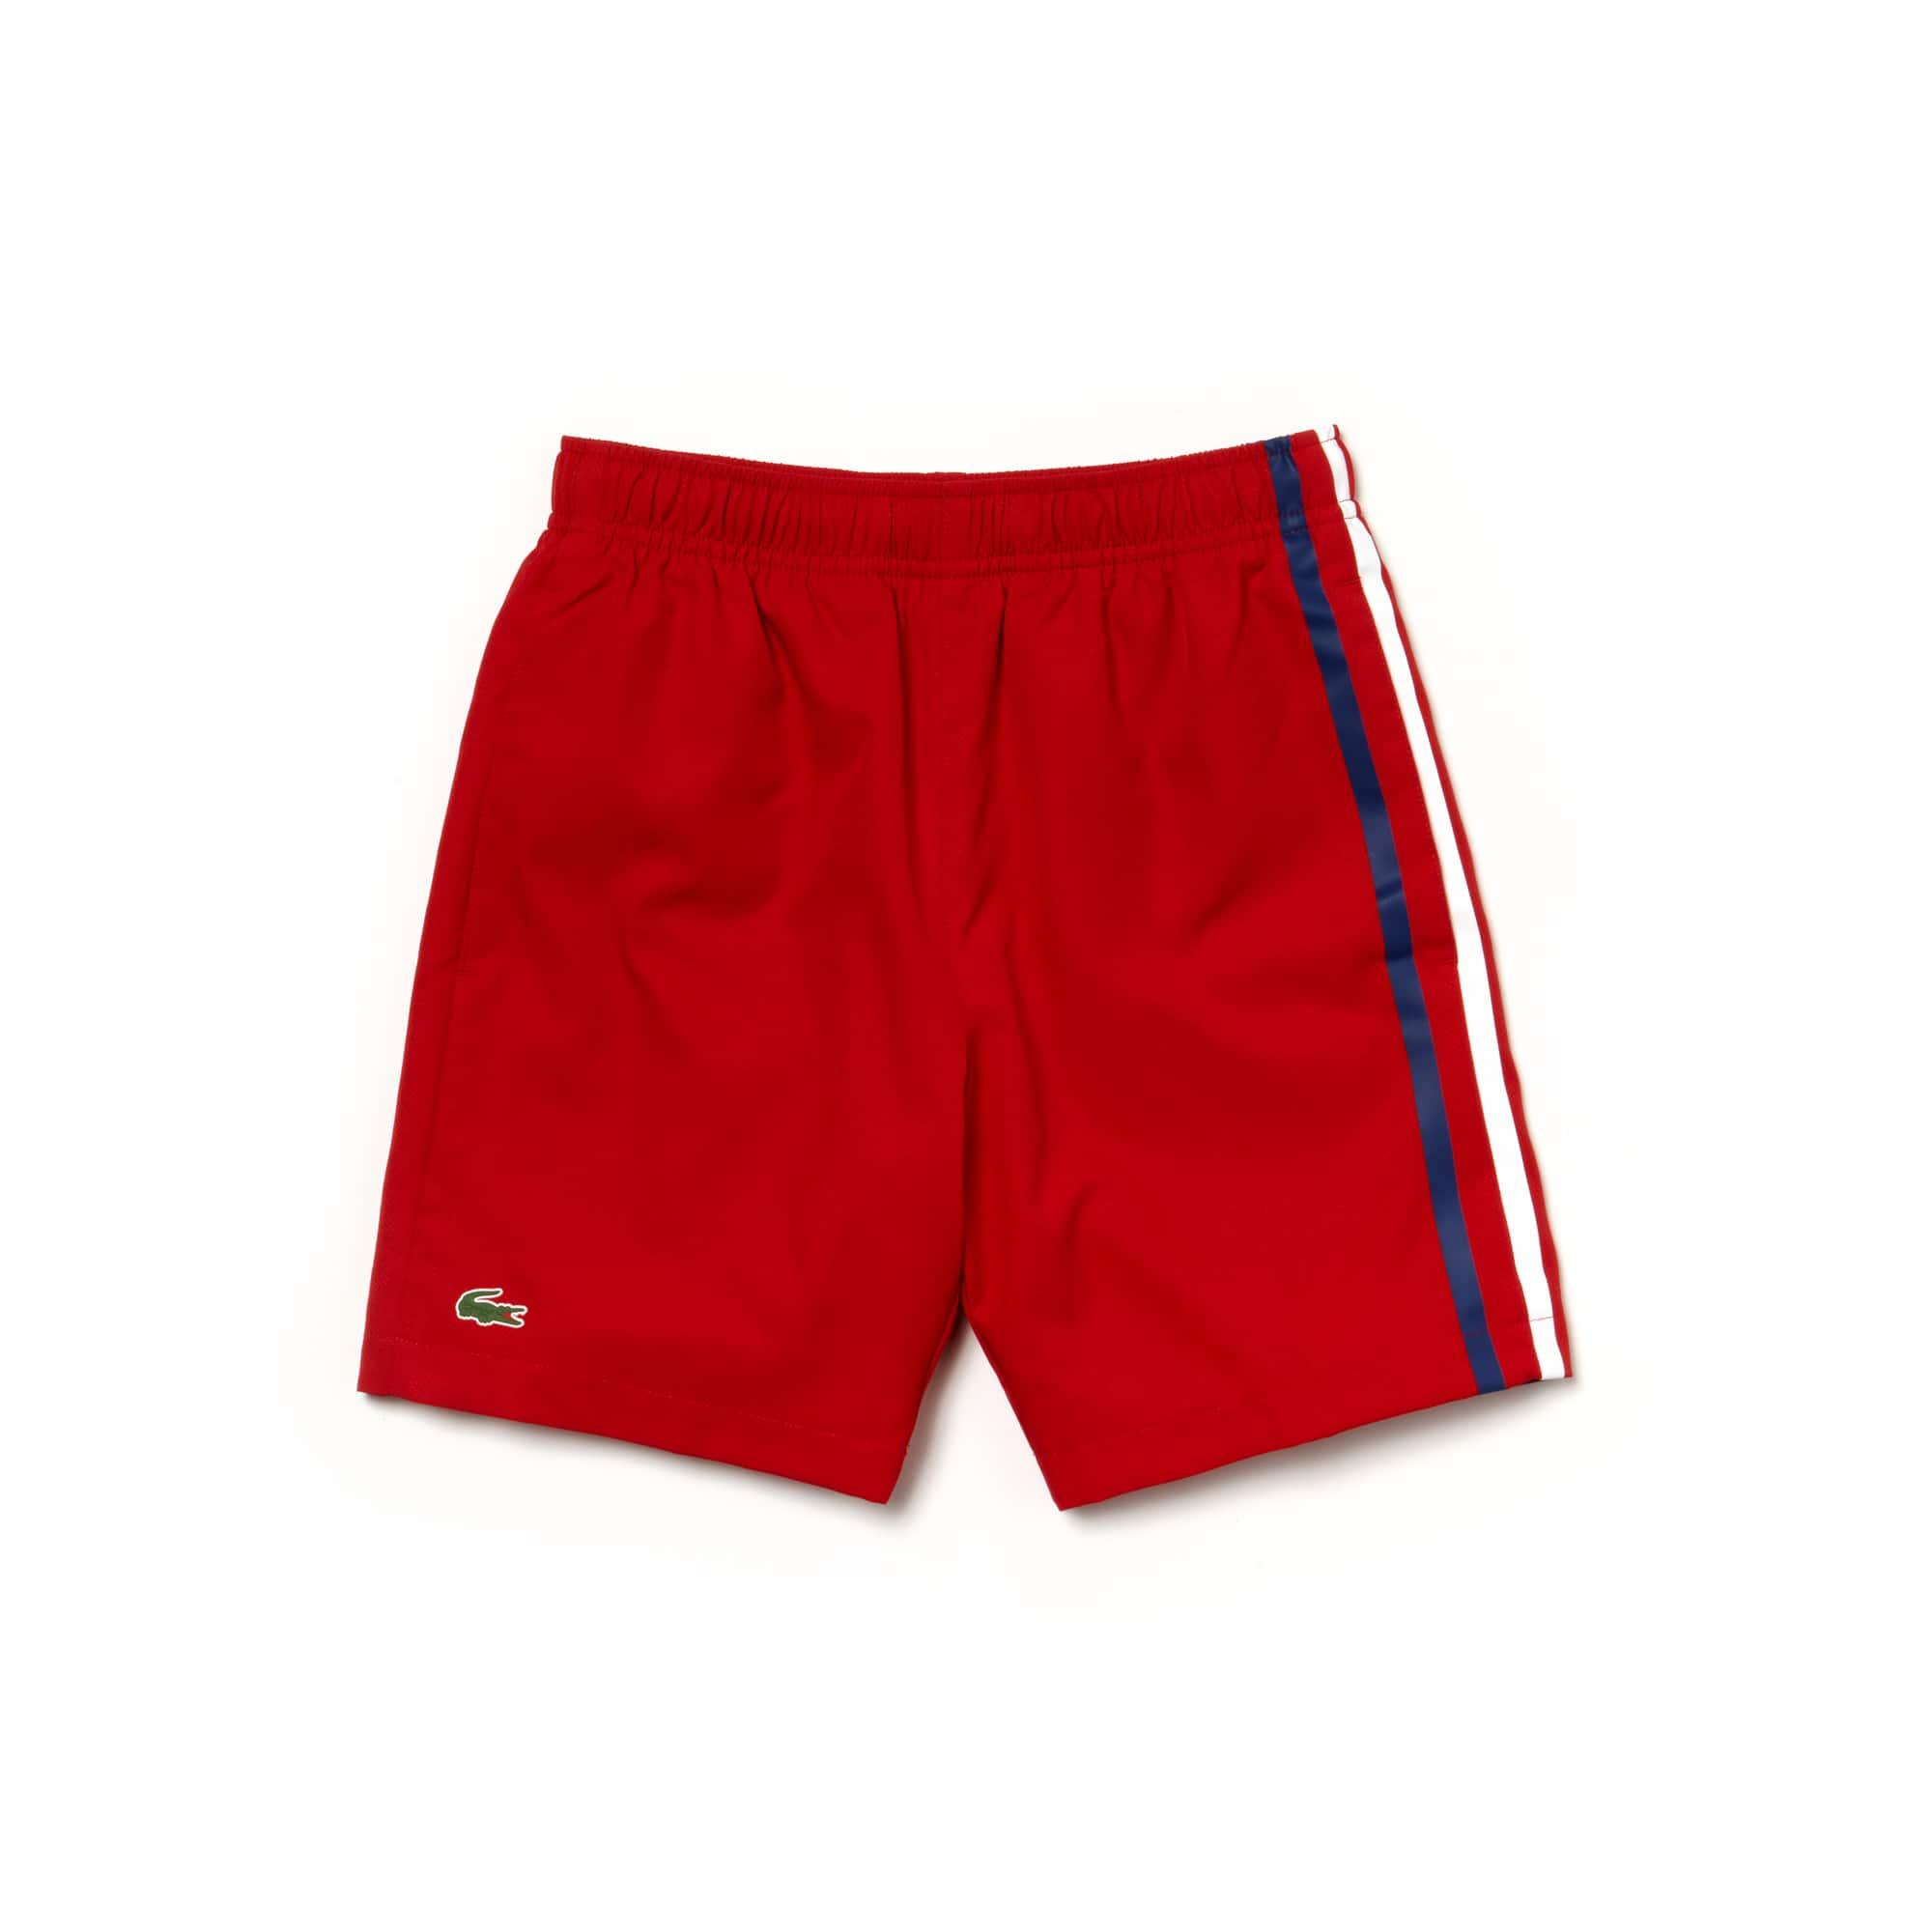 Pantalón Corto Niño Franjas Colores Tenis Lacoste Sport